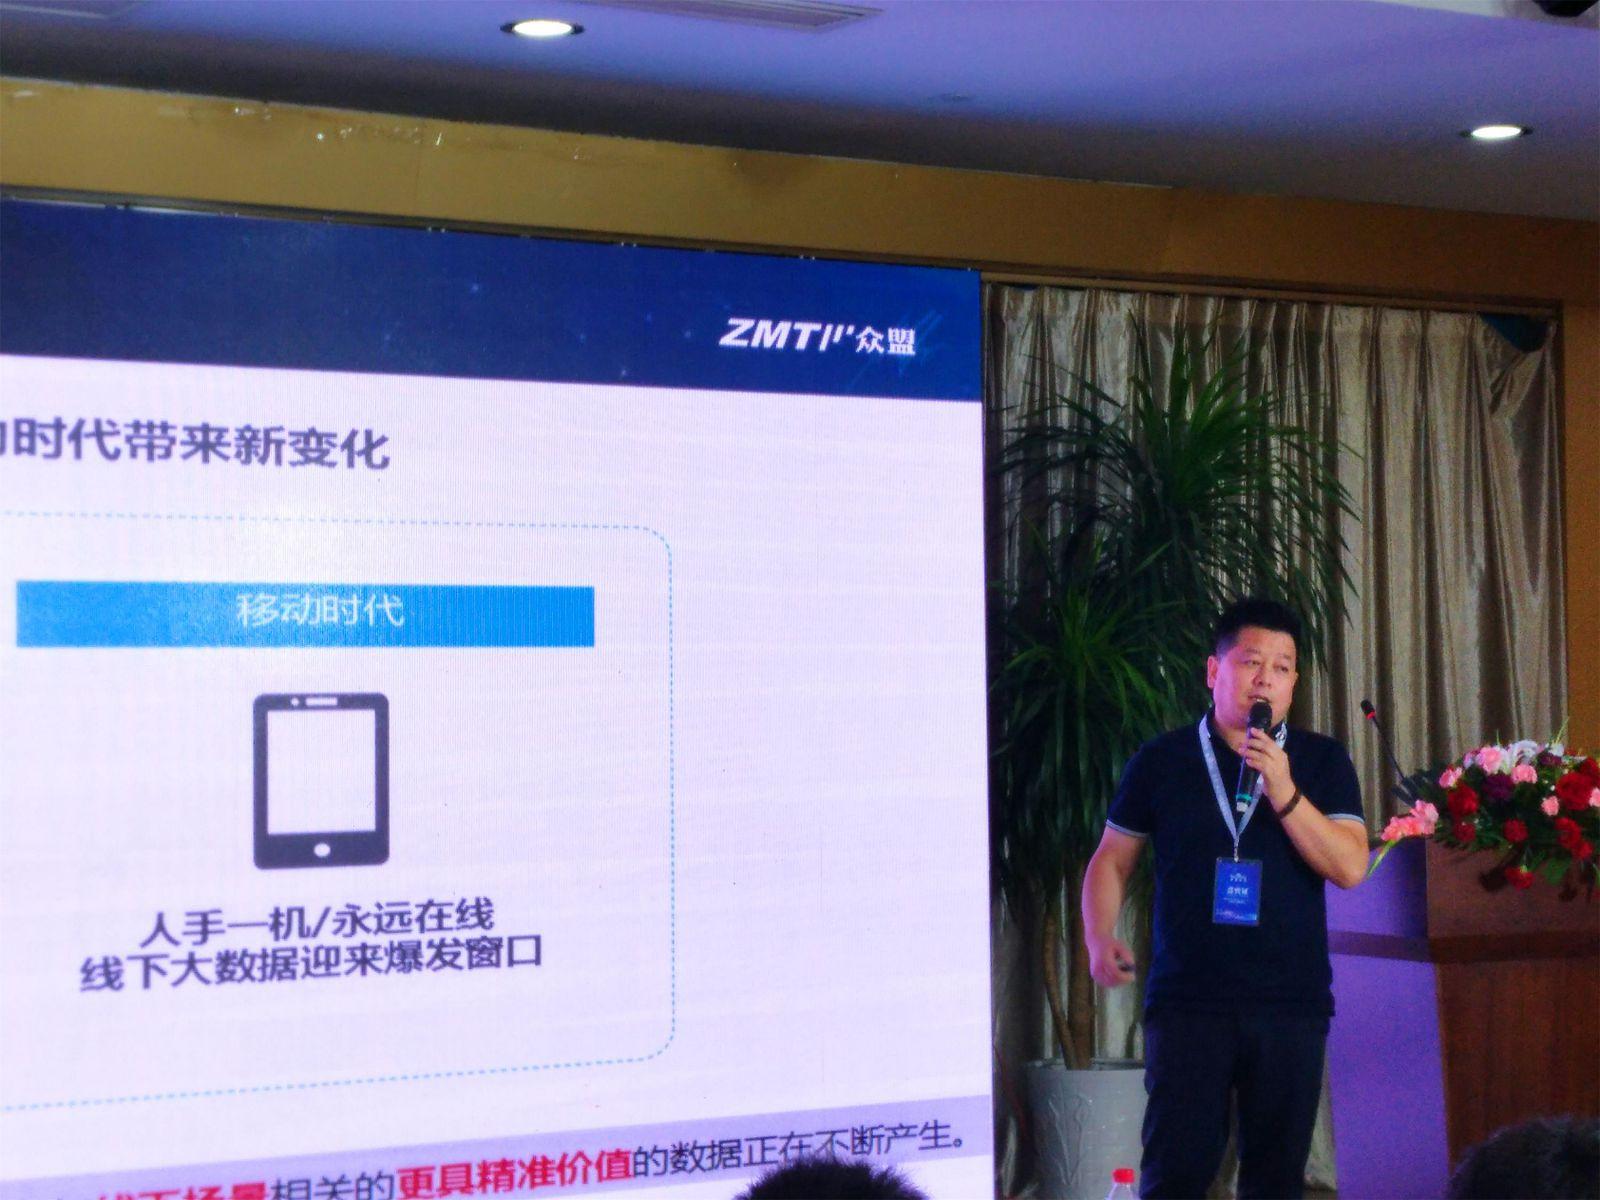 中華網—眾盟數據和百度云強強聯合,打造線上線下智能新商業